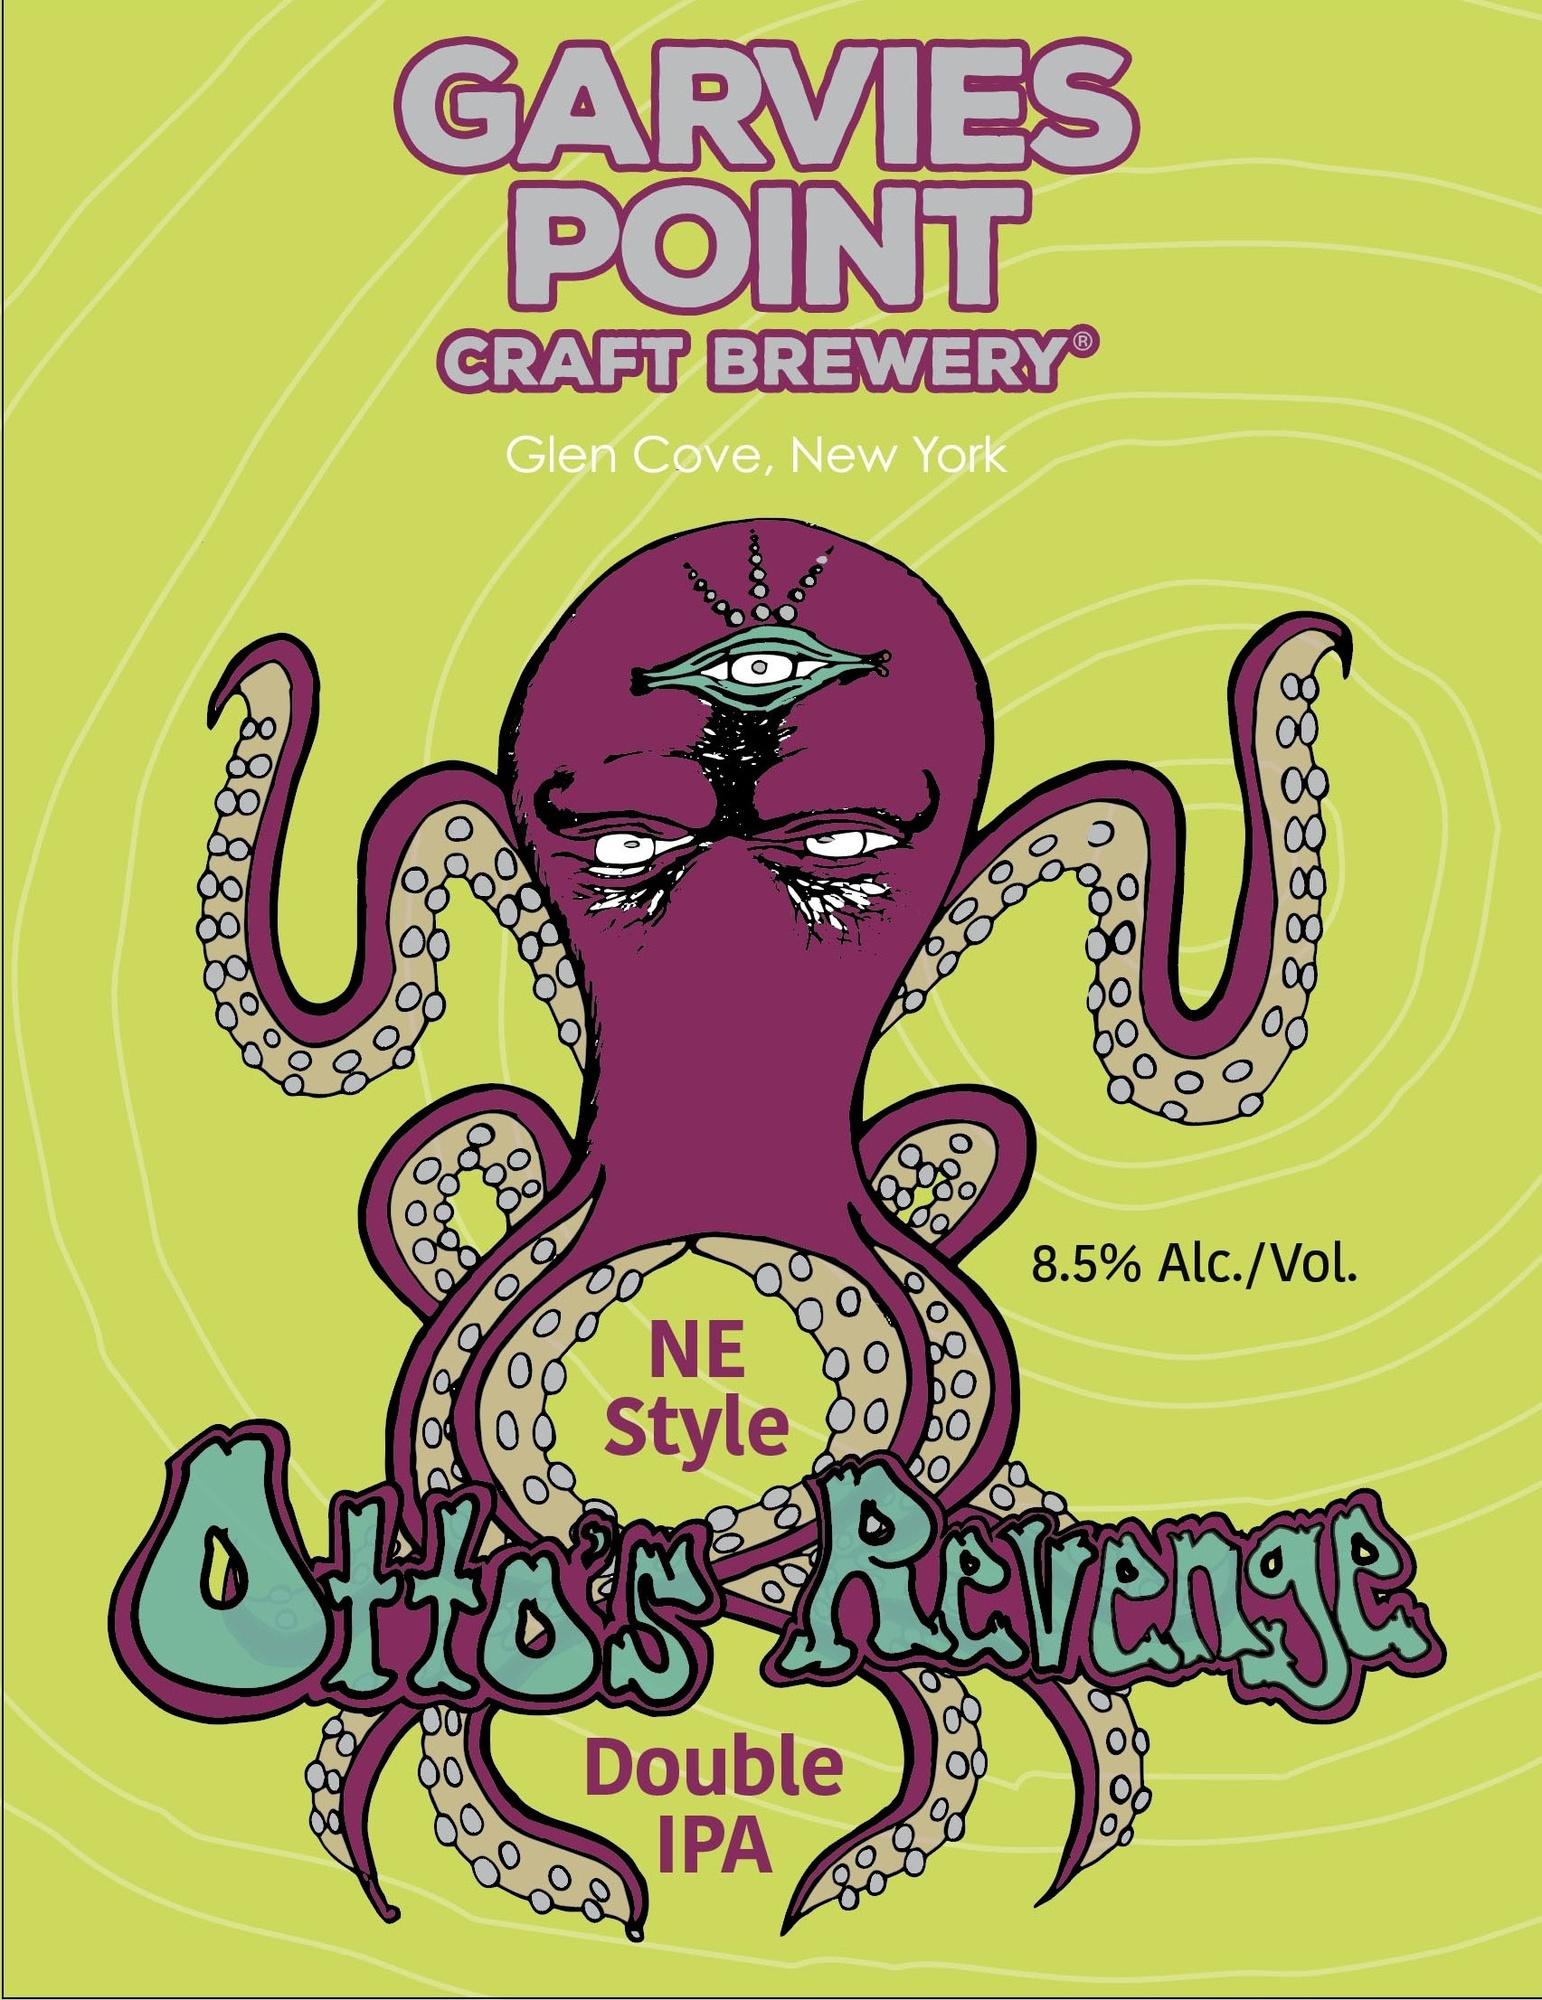 Garvies Point Otto's Revenge beer Label Full Size